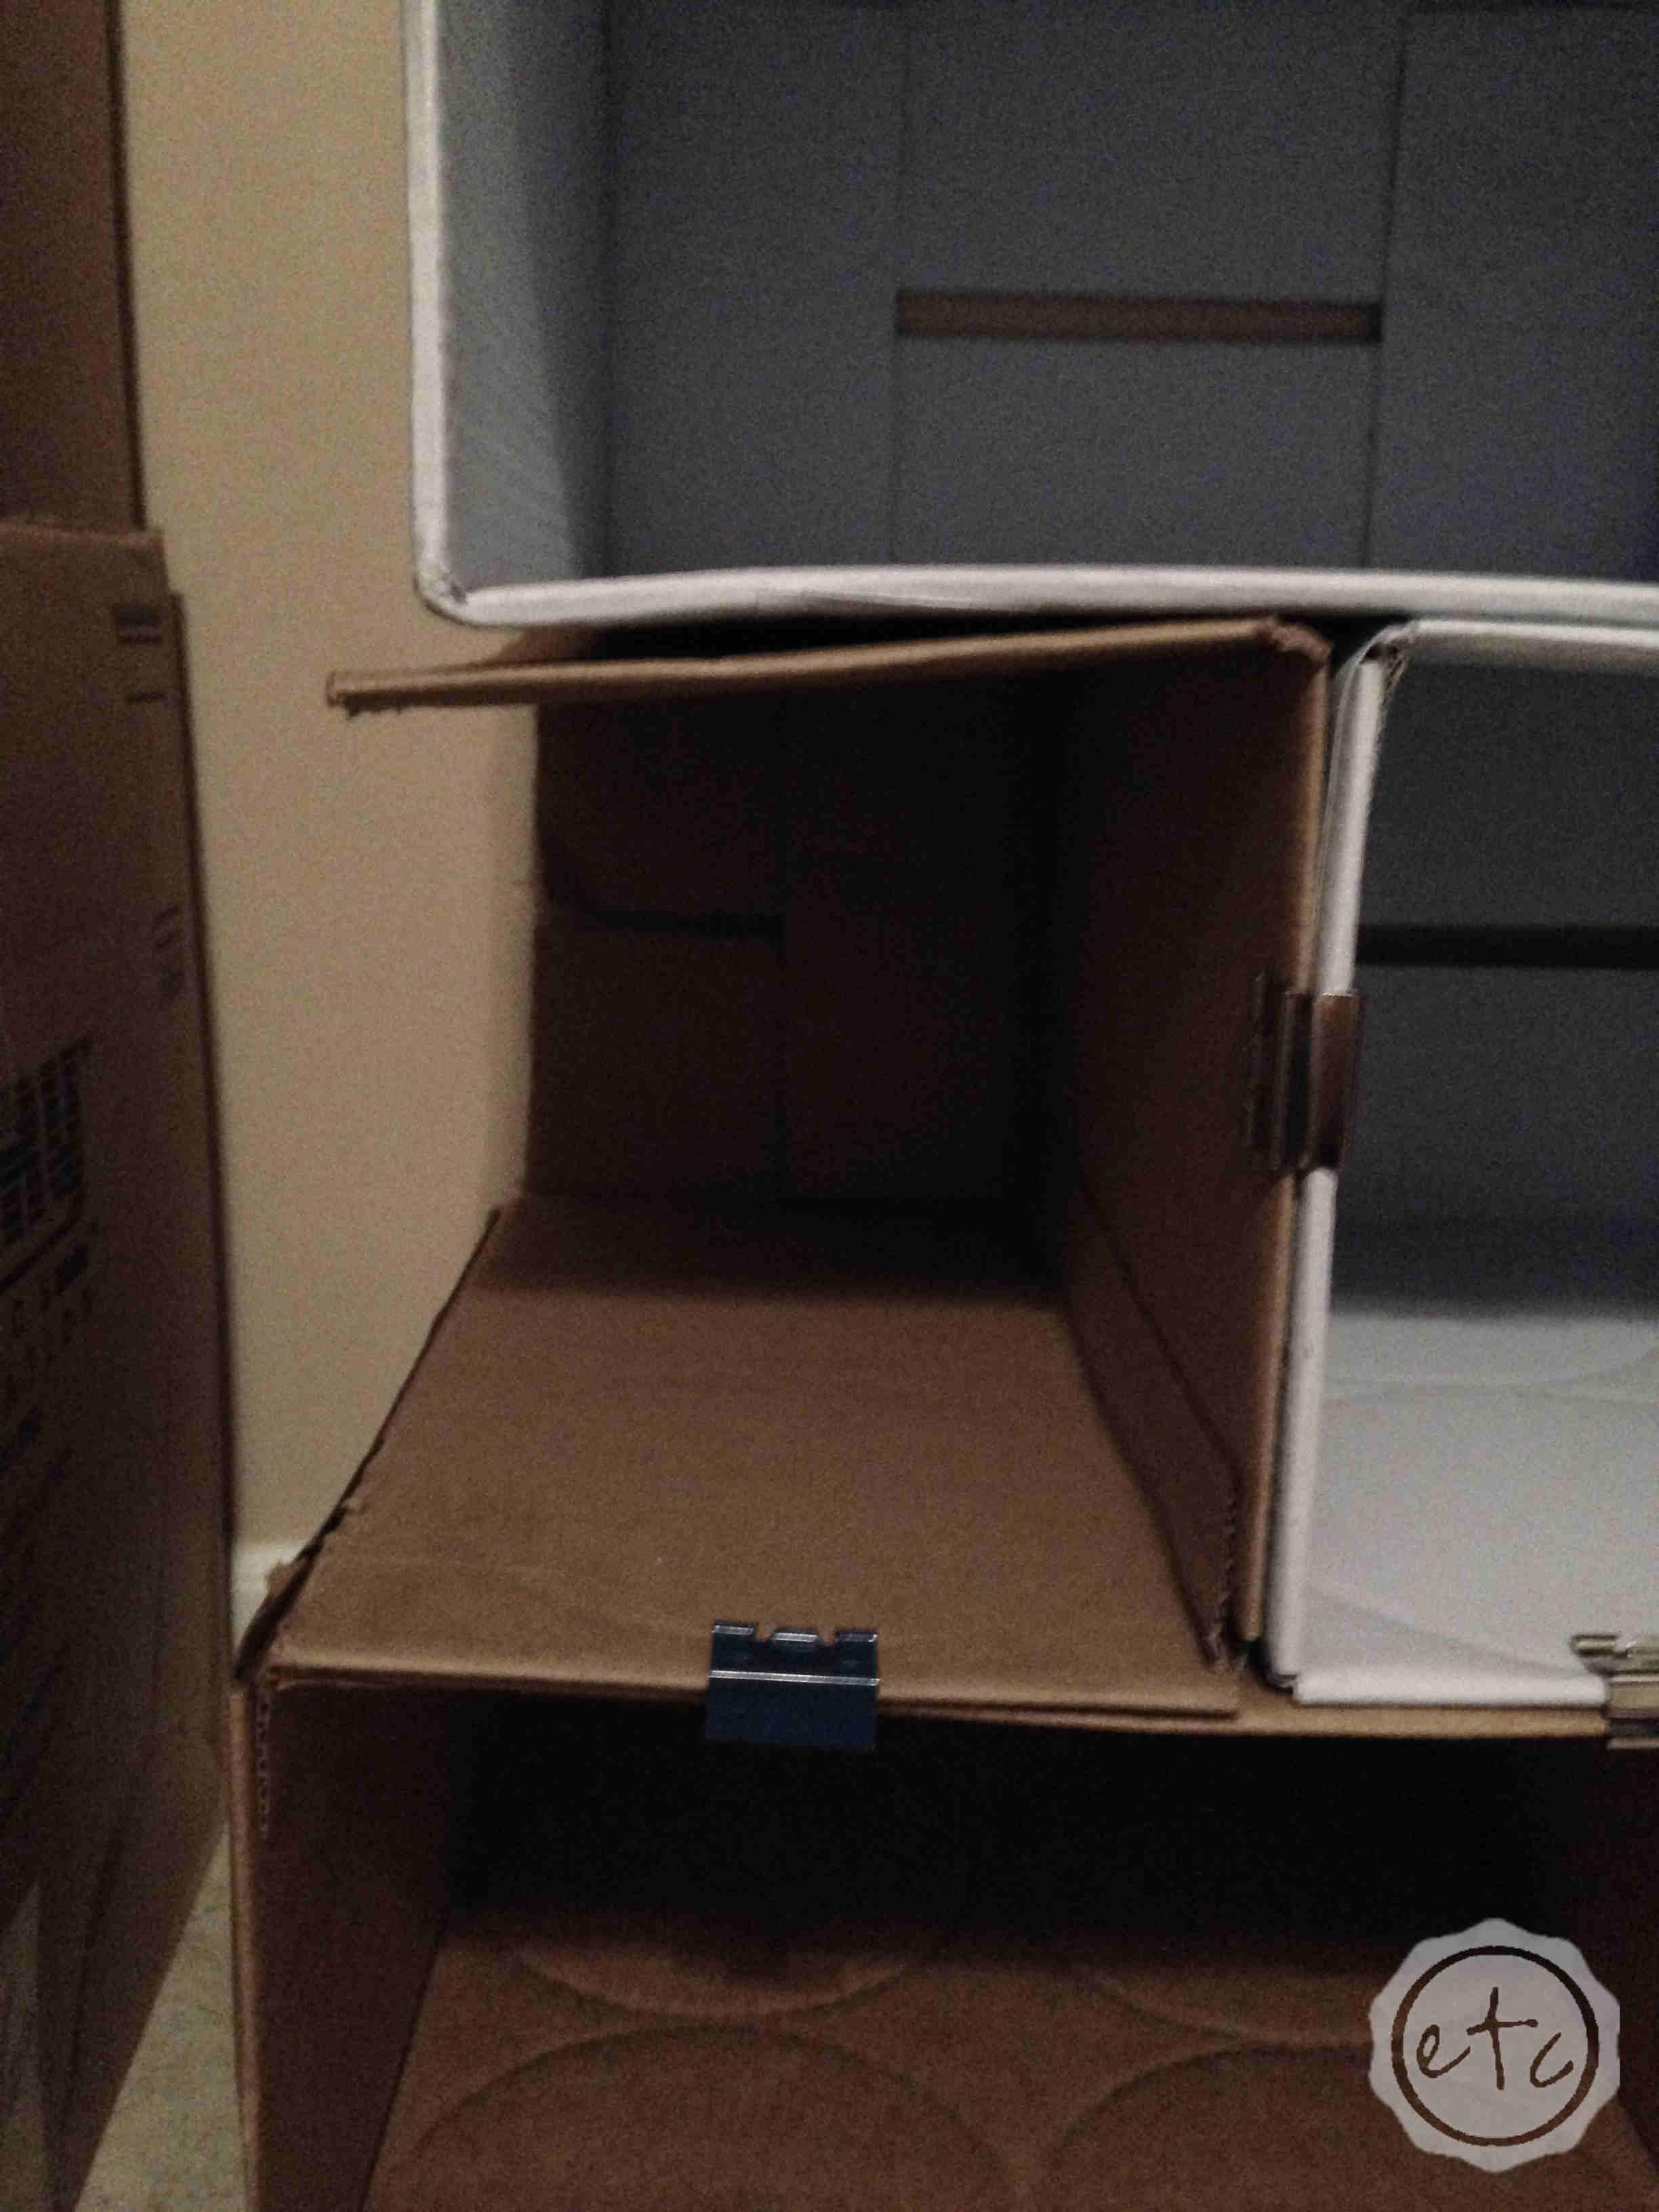 Diy Cardboard Bookcase Happily Ever After Etc - Cardboard-bookshelves